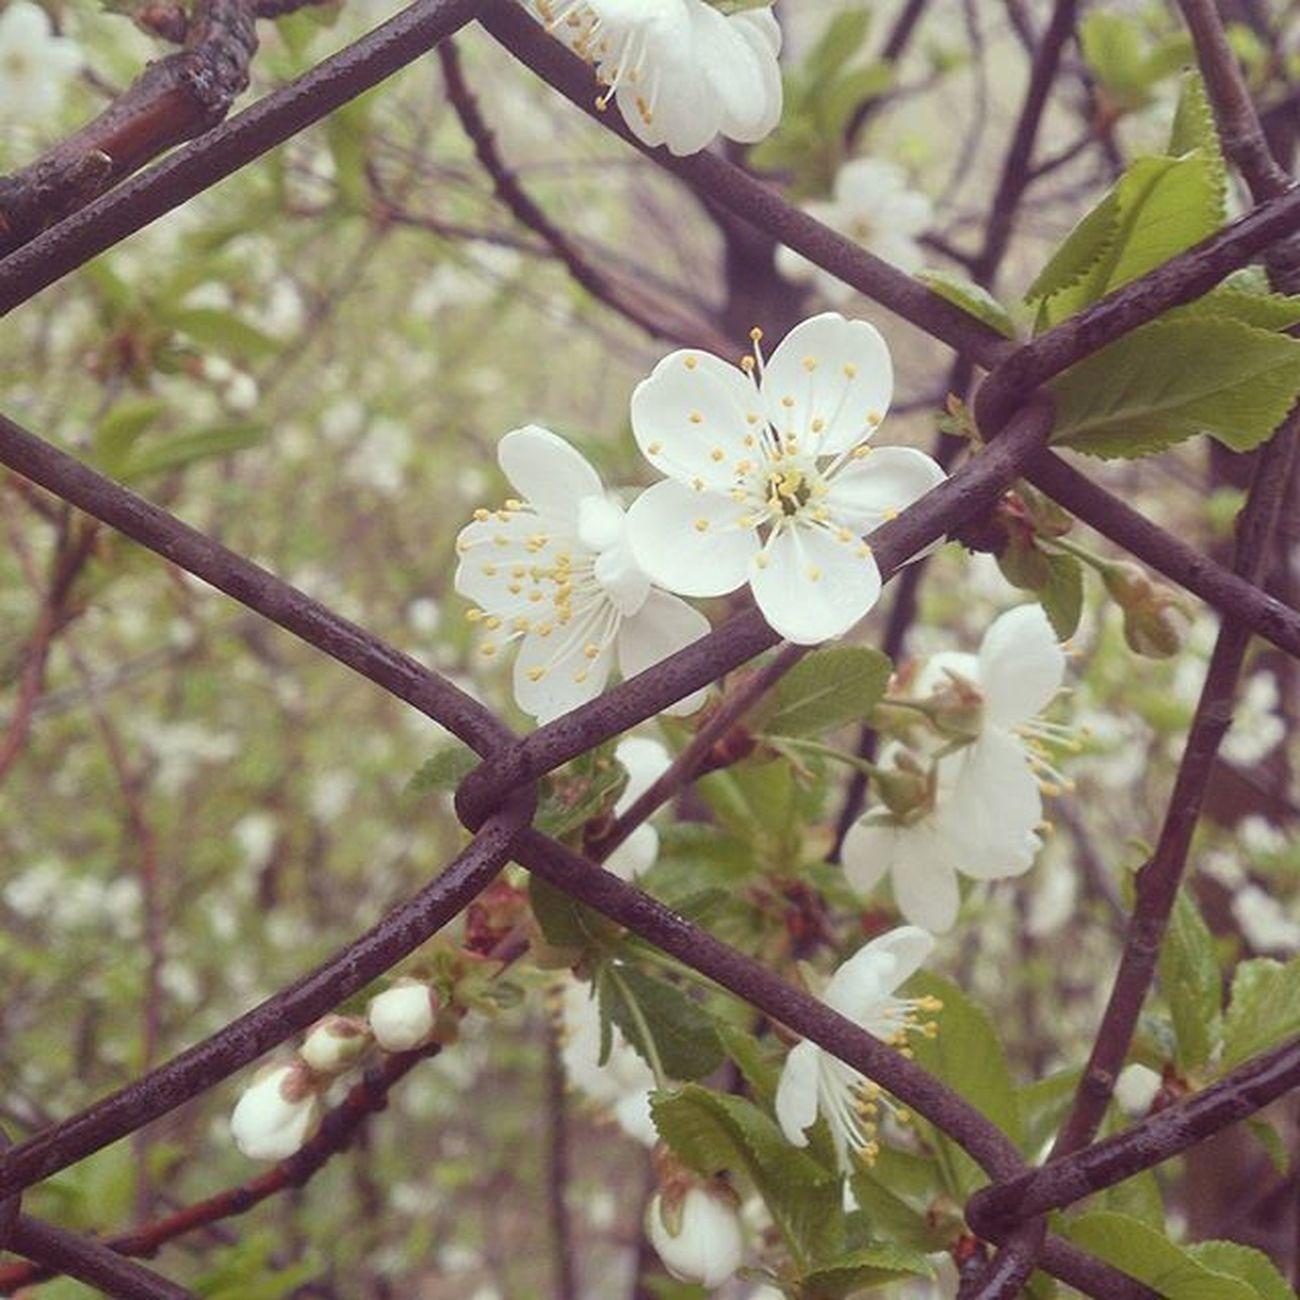 Iran Hamedan Spring Life Green Cherry Blossom Cherryblossom Tree Branches Vernal Fence Rain Rainy Digikalamag_mps ایران همدان بهار سبز شکوفه درخت شاخه آلبالو حصار باران بارانی